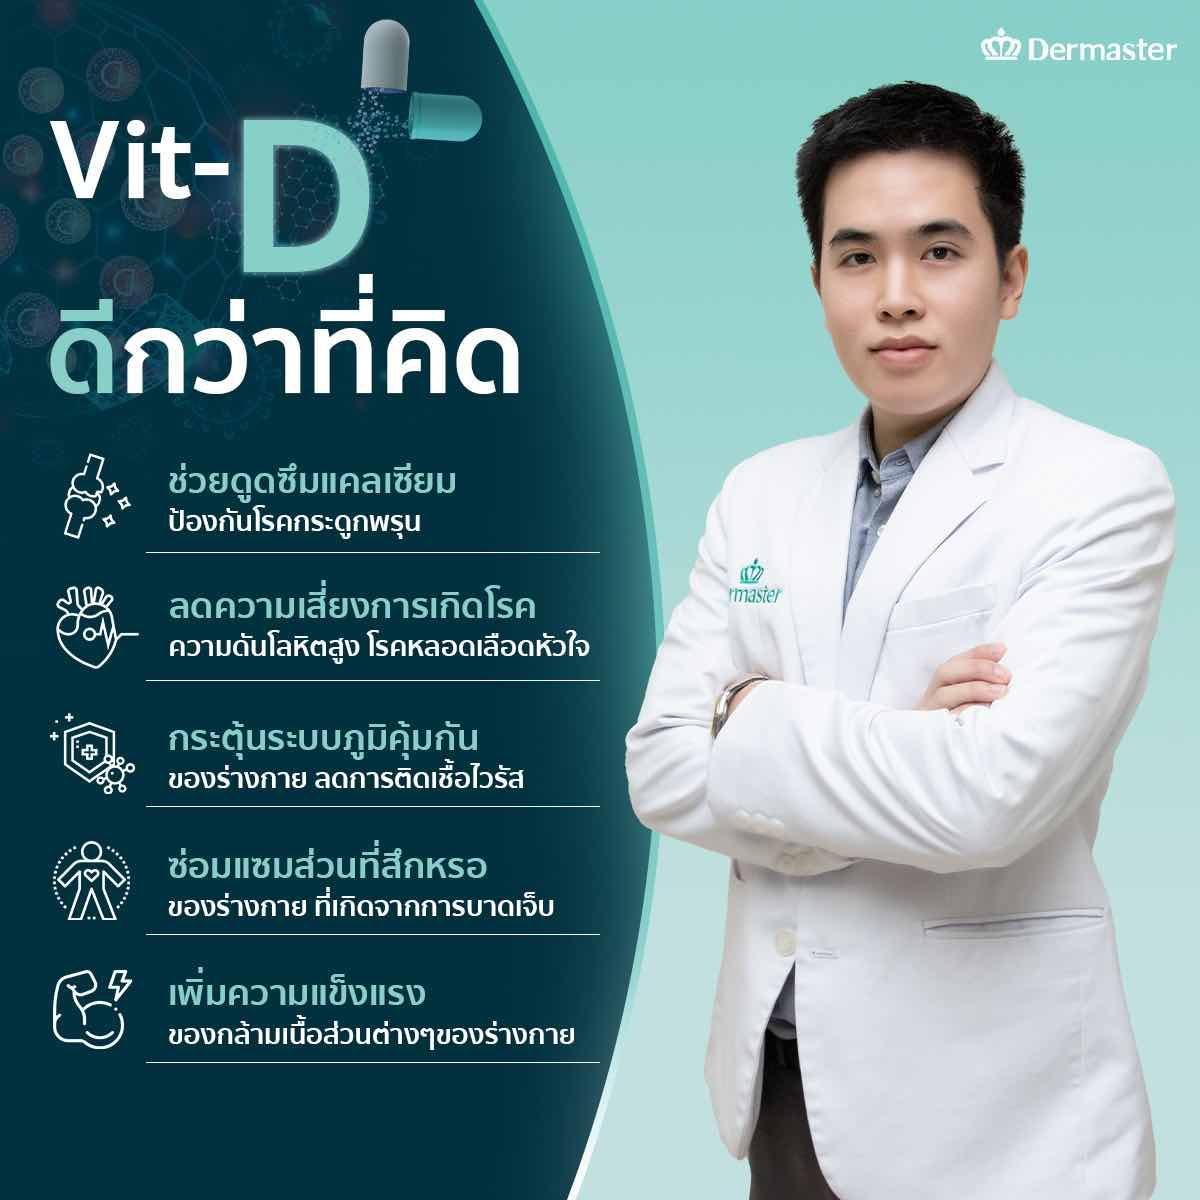 dermaster-vitamin-d-01